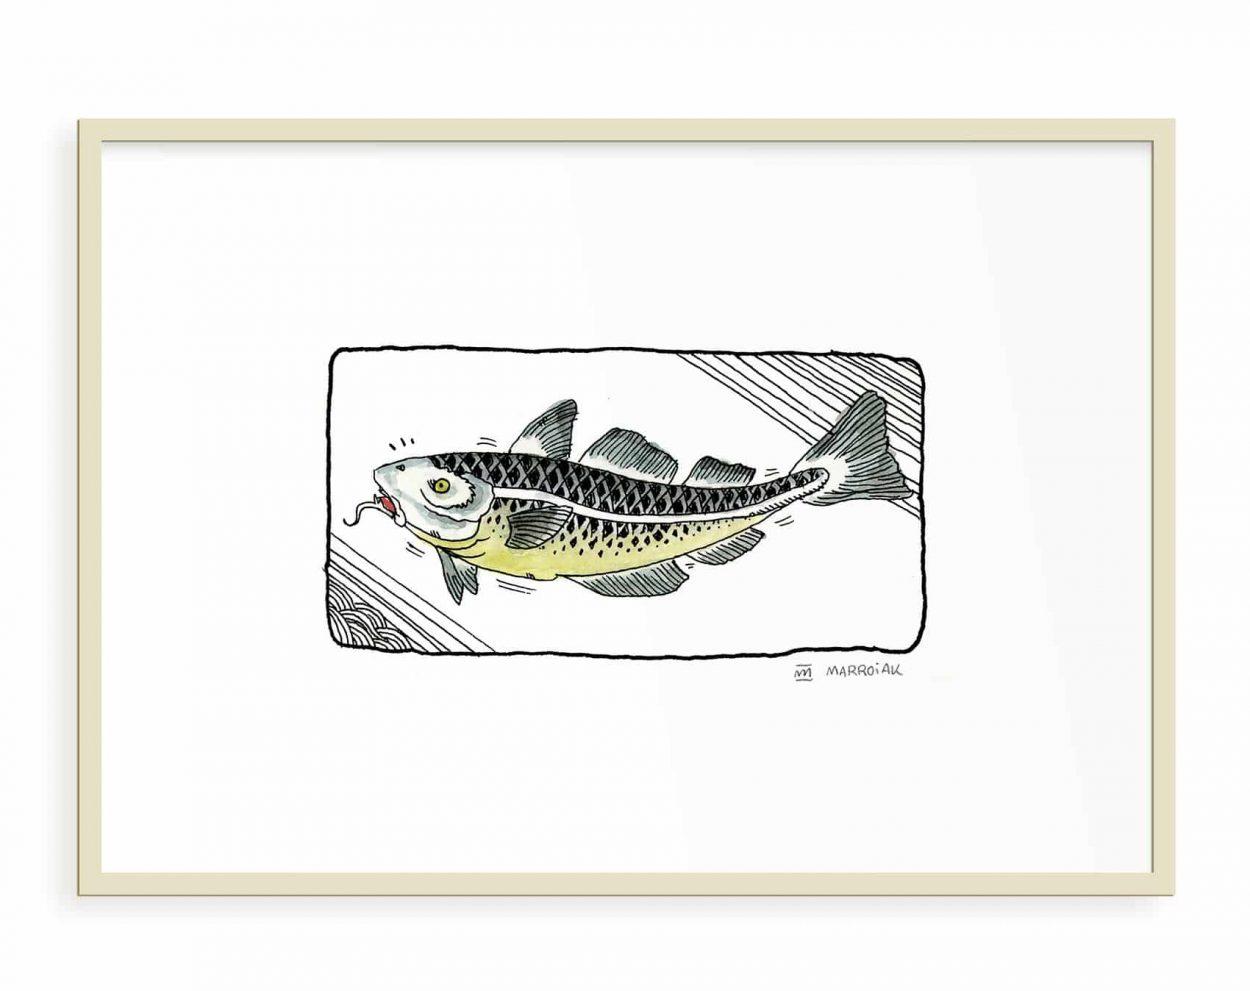 Decoración para el hogar con una lámina de un dibujo de un pez japonés